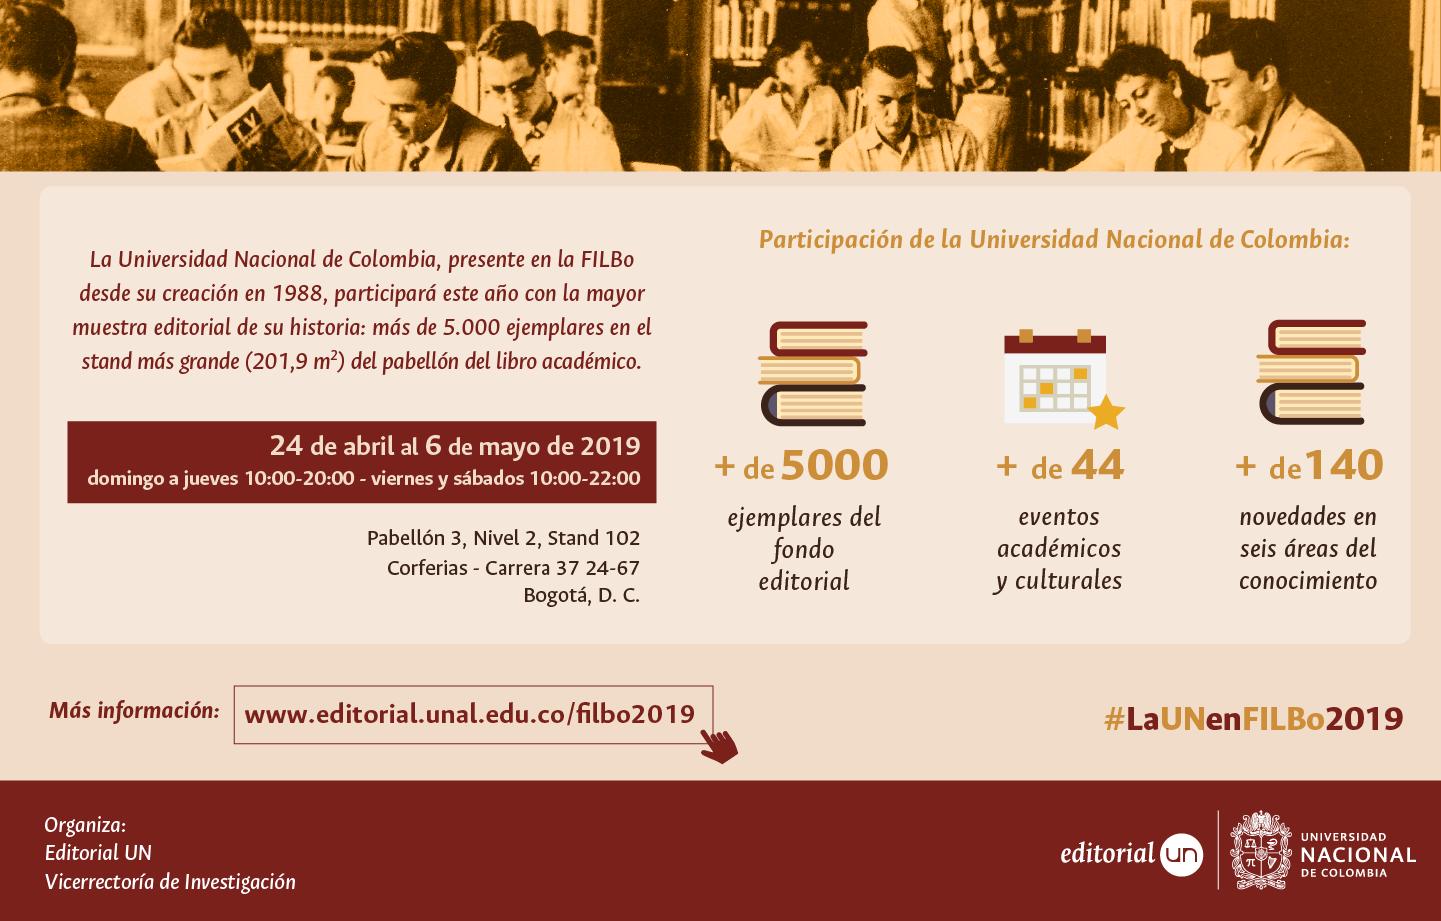 Boletín SIUN Especial 1-2019: #LaUNenlaFILBo2019